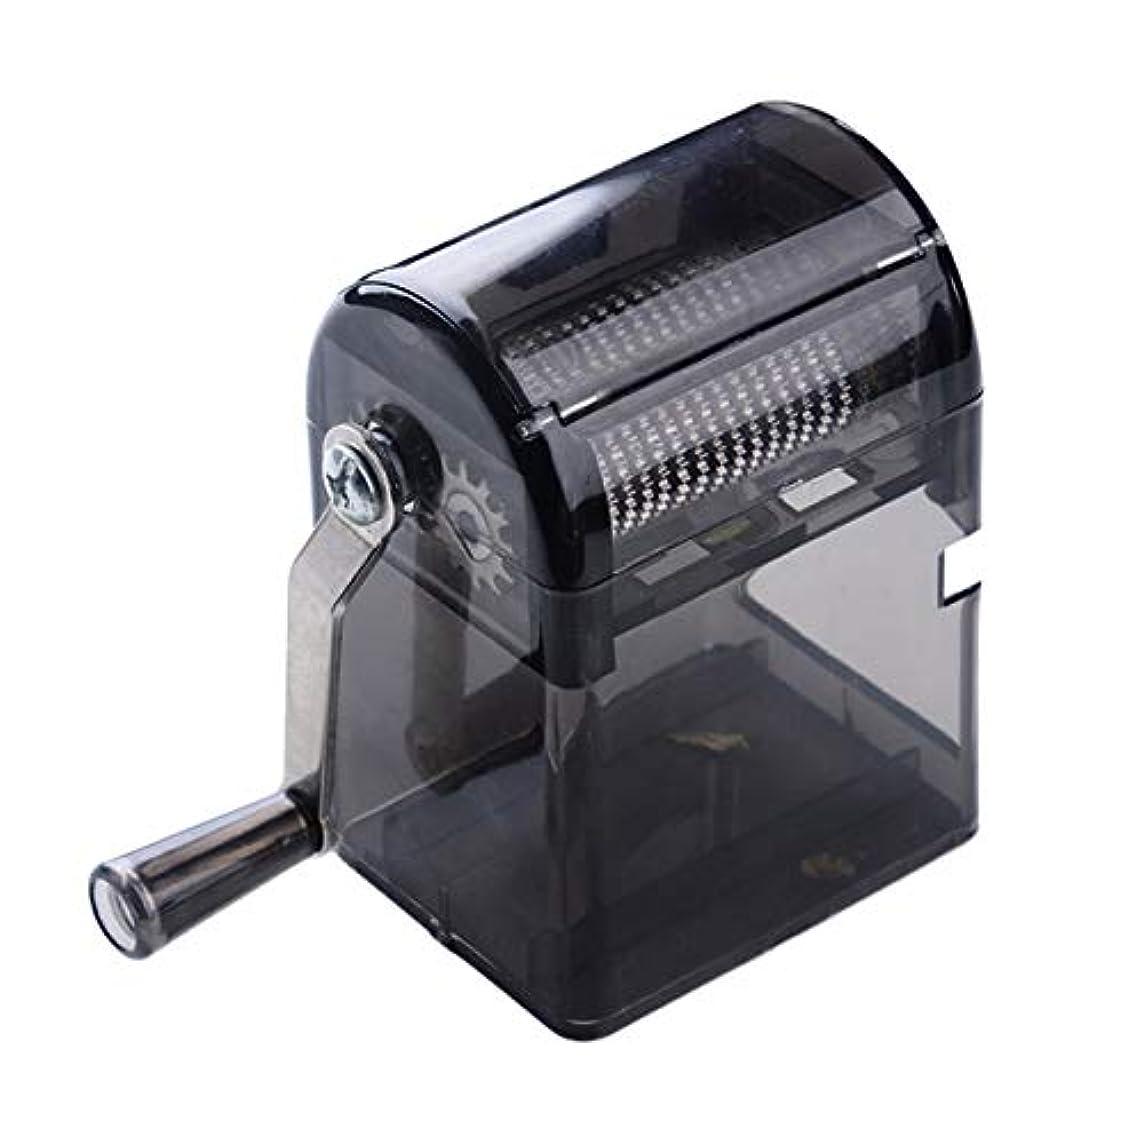 初期の円形の忌まわしいSaikogoods シンプルなデザイン手回しタバコグラインダー耐久性のある利用タバコハーブスパイスクラッシャーマニュアルミュラータバコ用品 黒